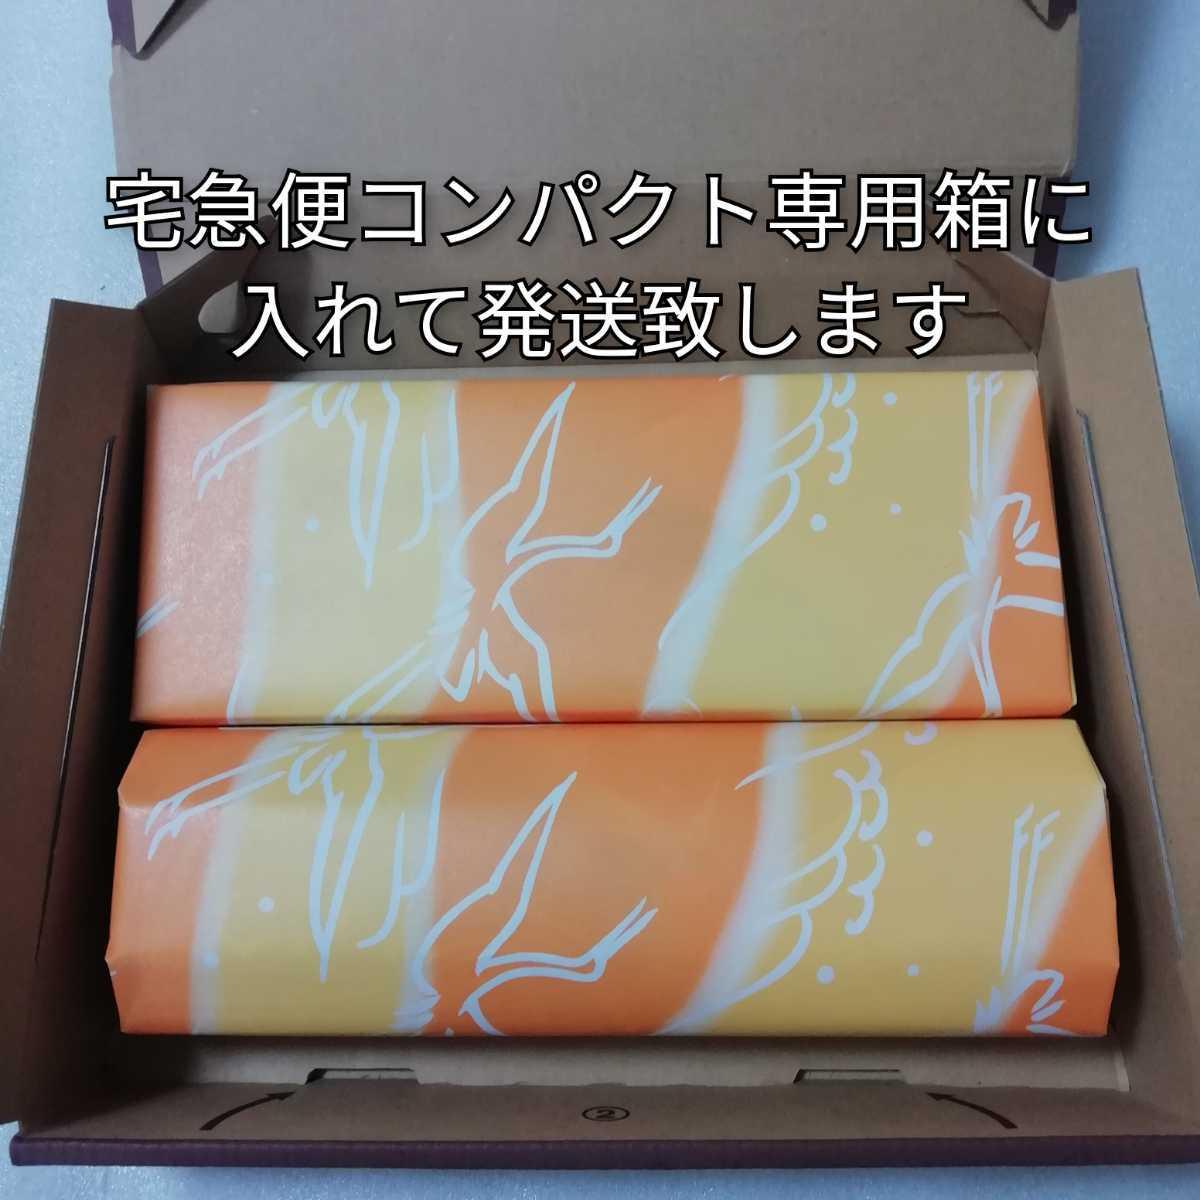 鶴屋吉信 京観世 柚餅 和菓子 詰め合わせ_画像9